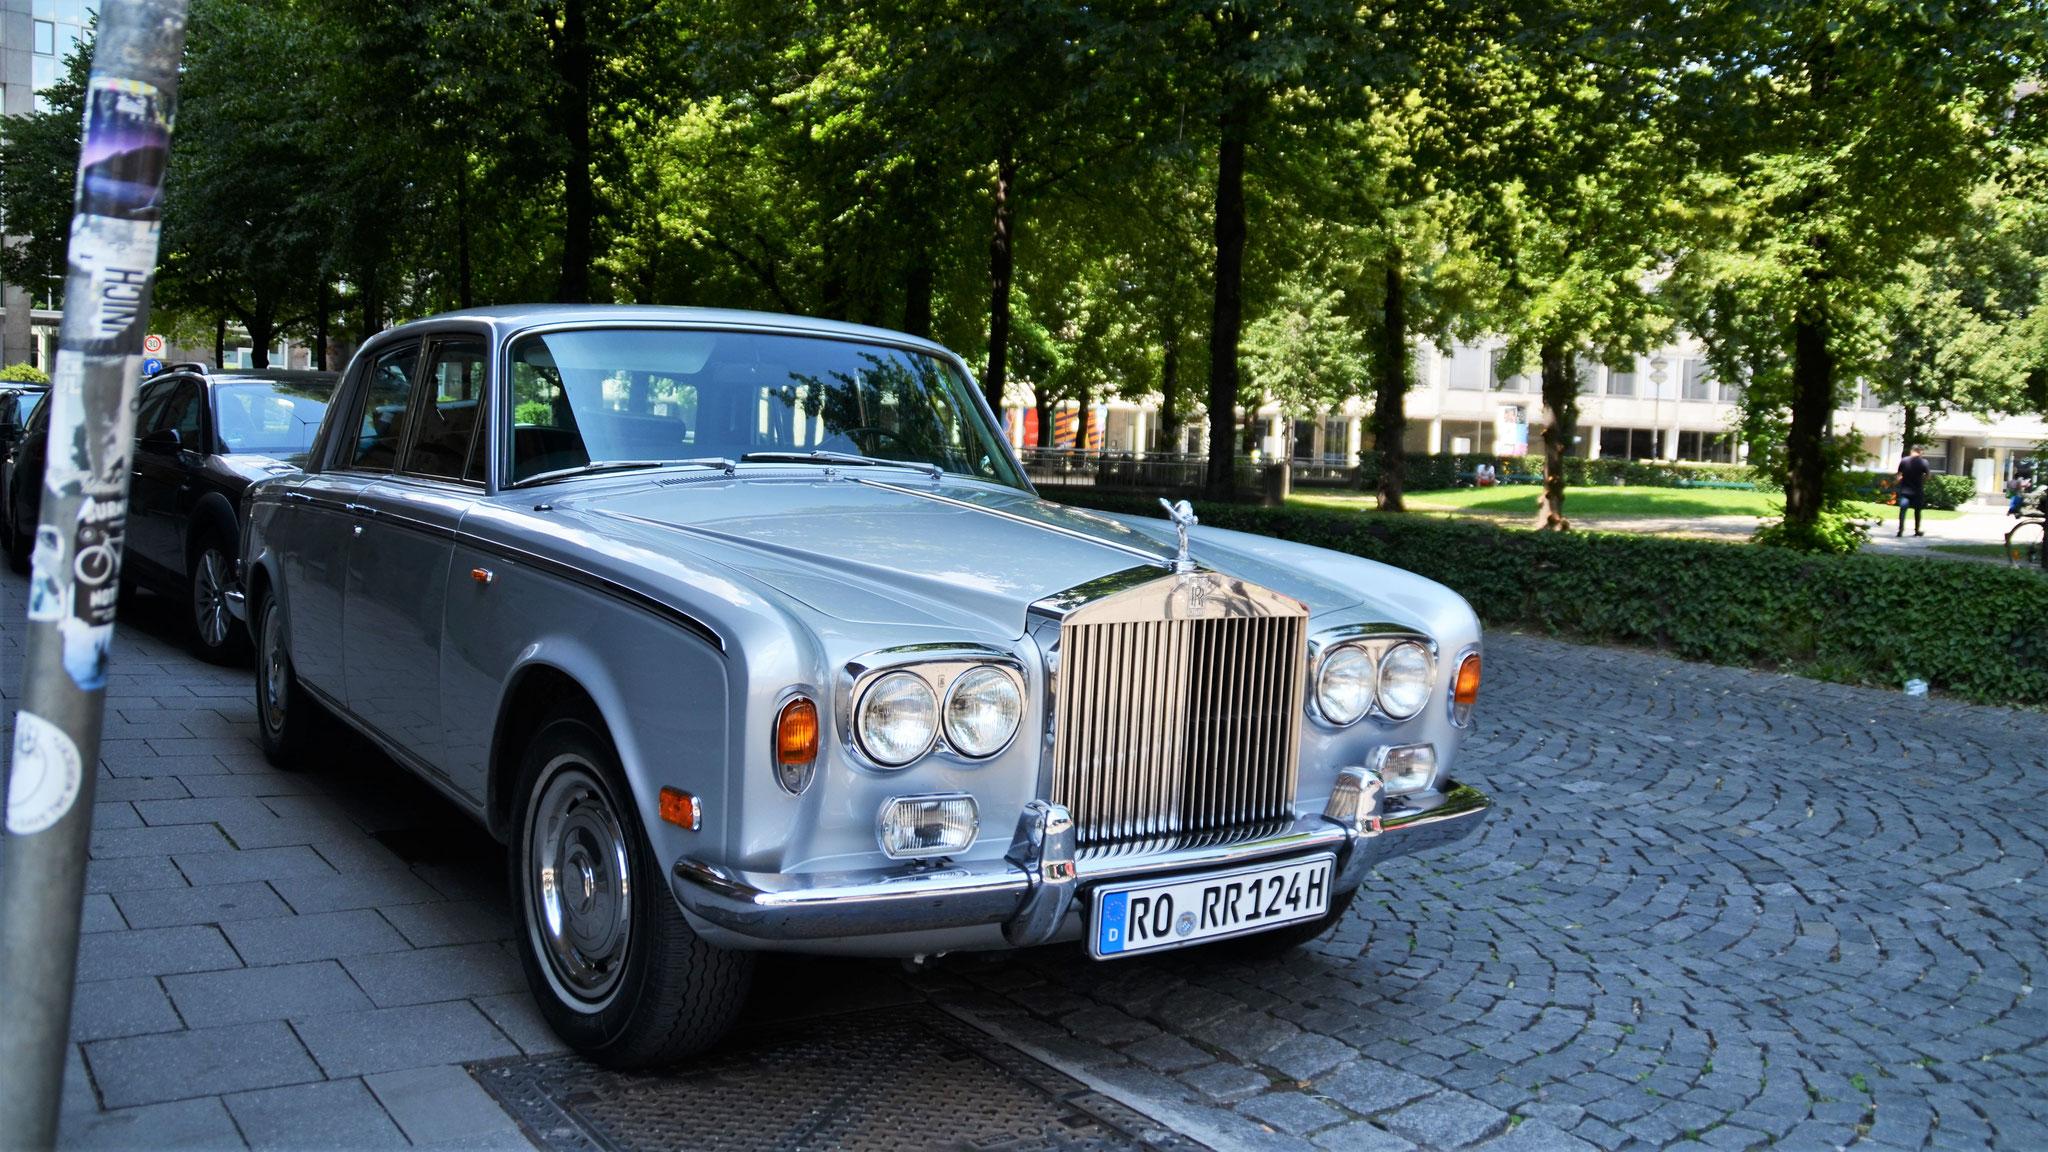 Rolls Royce Silver Shadow - RO-RR-124H